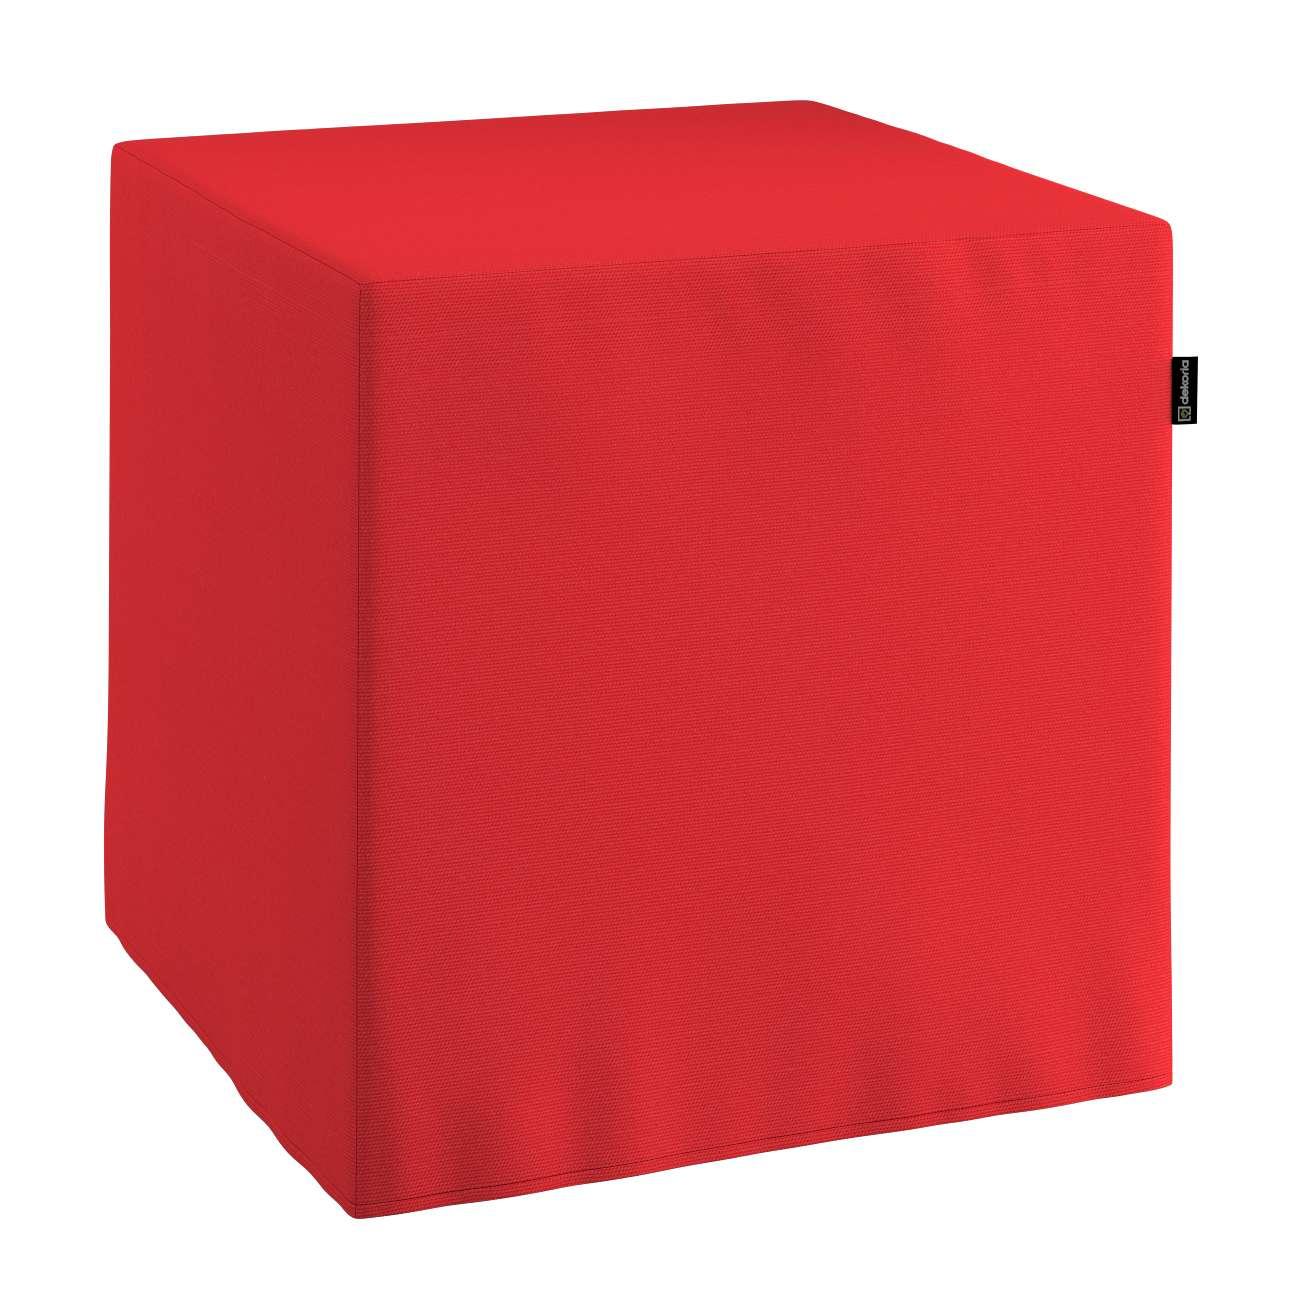 Harter Sitzwürfel 40 x 40 x 40 cm von der Kollektion Loneta, Stoff: 133-43